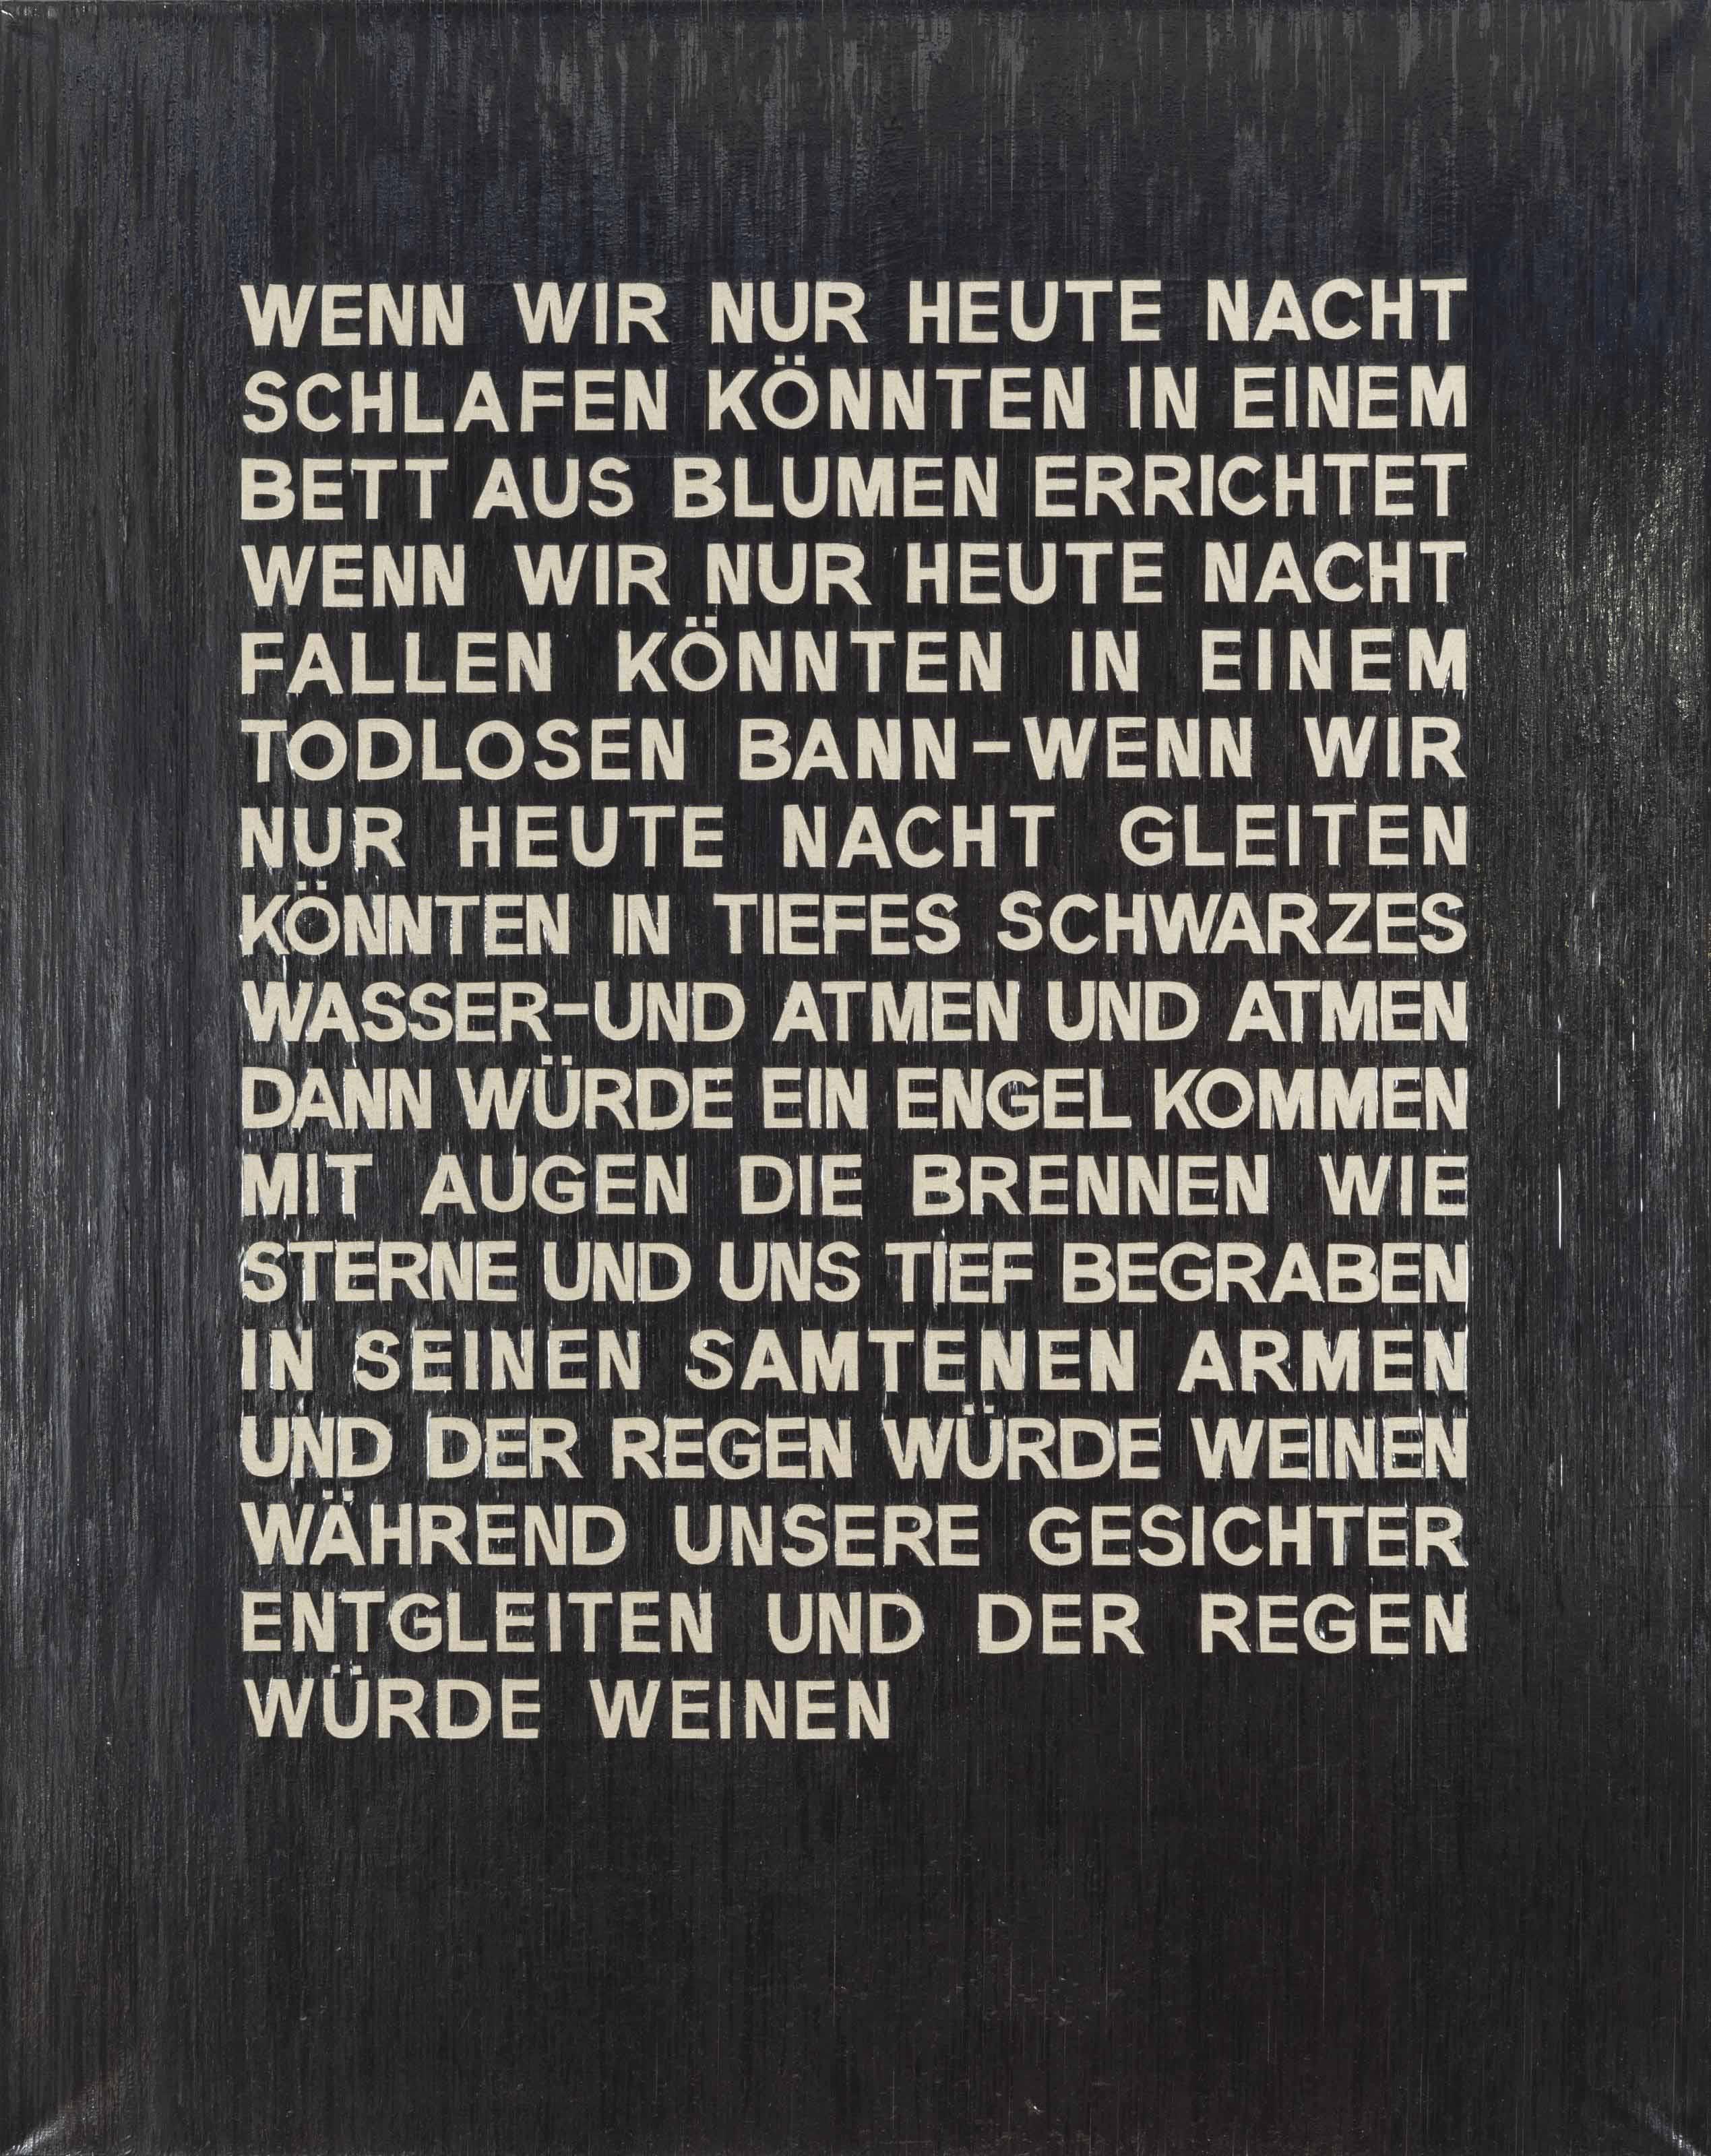 Wenn Wir (nur heute) (If we (only today))